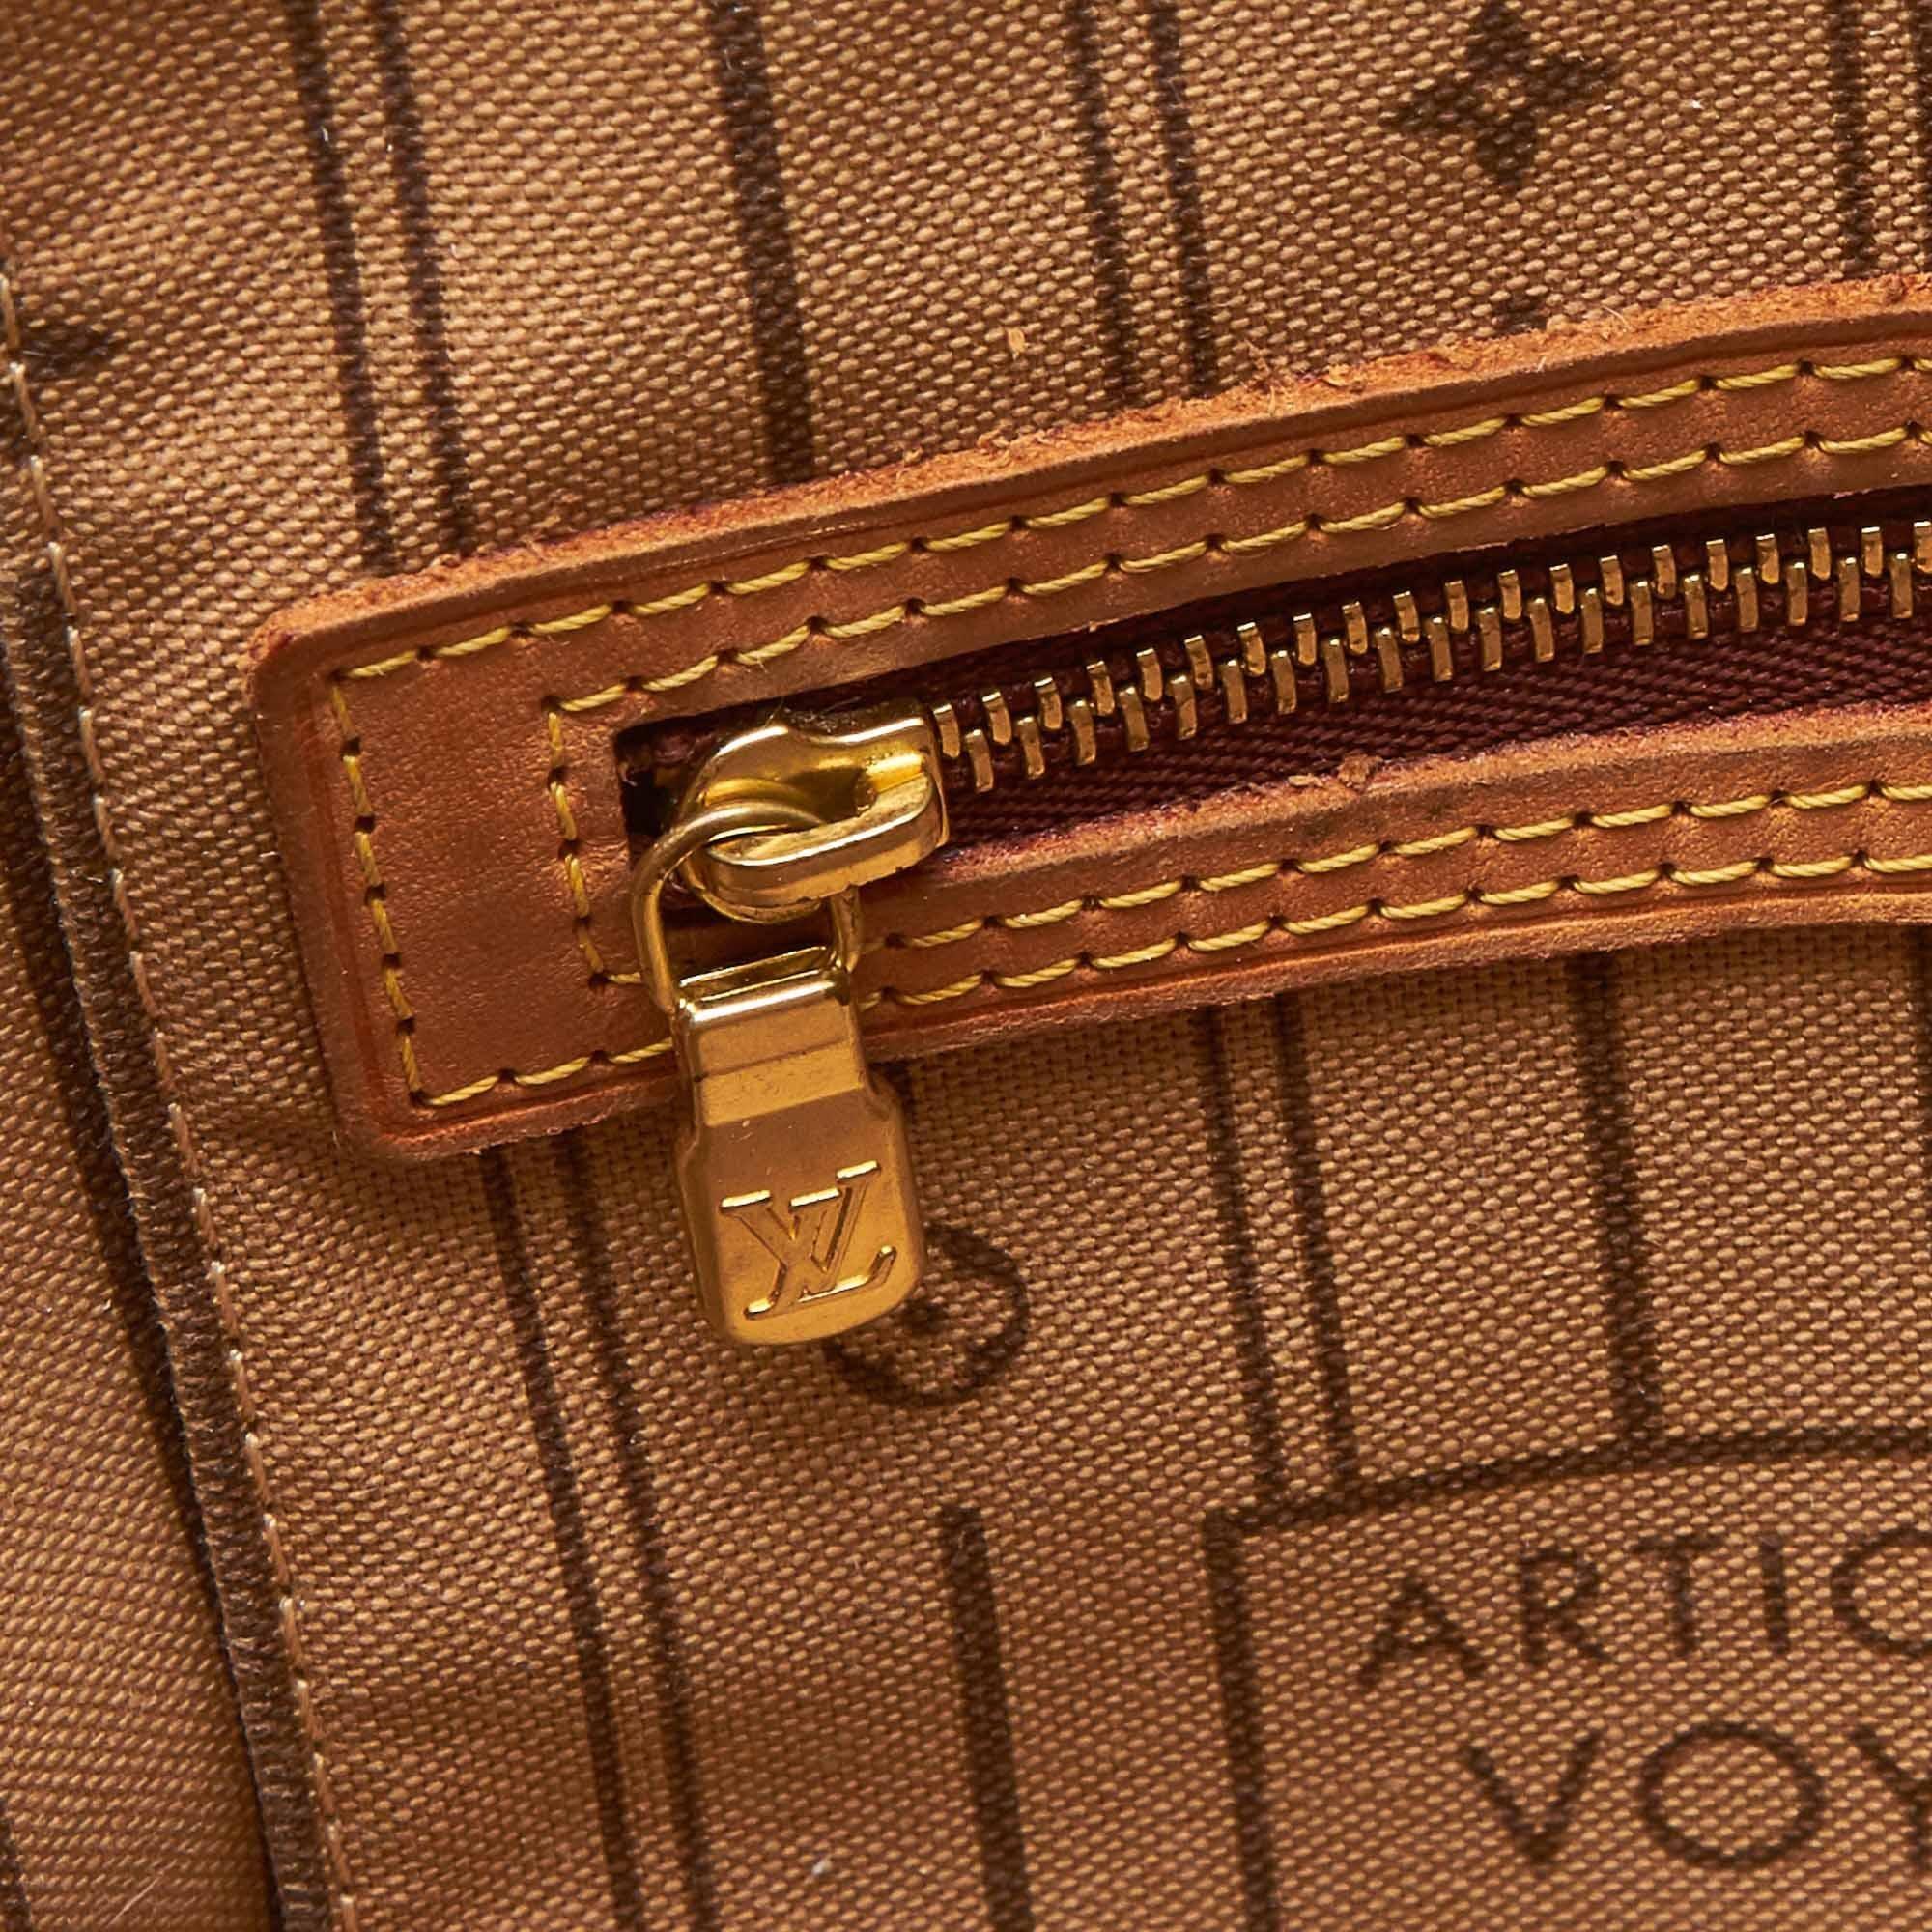 e212a04168df2 Louis Vuitton Braun Monogramm Neverfull PM im Angebot bei 1stdibs